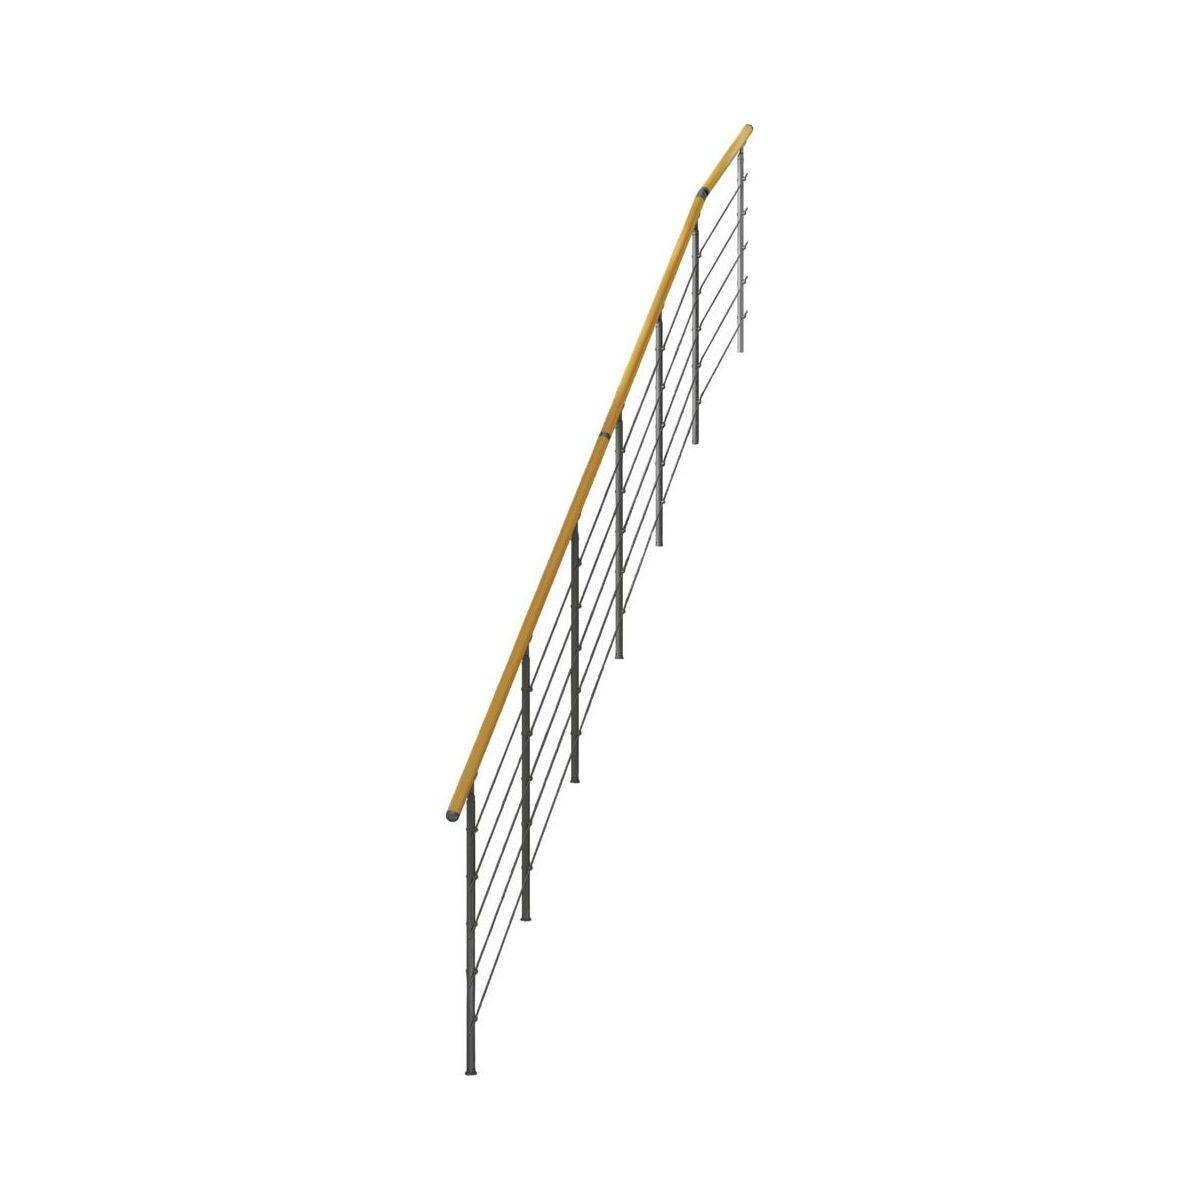 Balustrada Do Schodow Frankfurt Nierdzewna Dolle Balustrady Drewniane I Metalowe W Atrakcyjnej Cenie W Sklepach Leroy Merlin